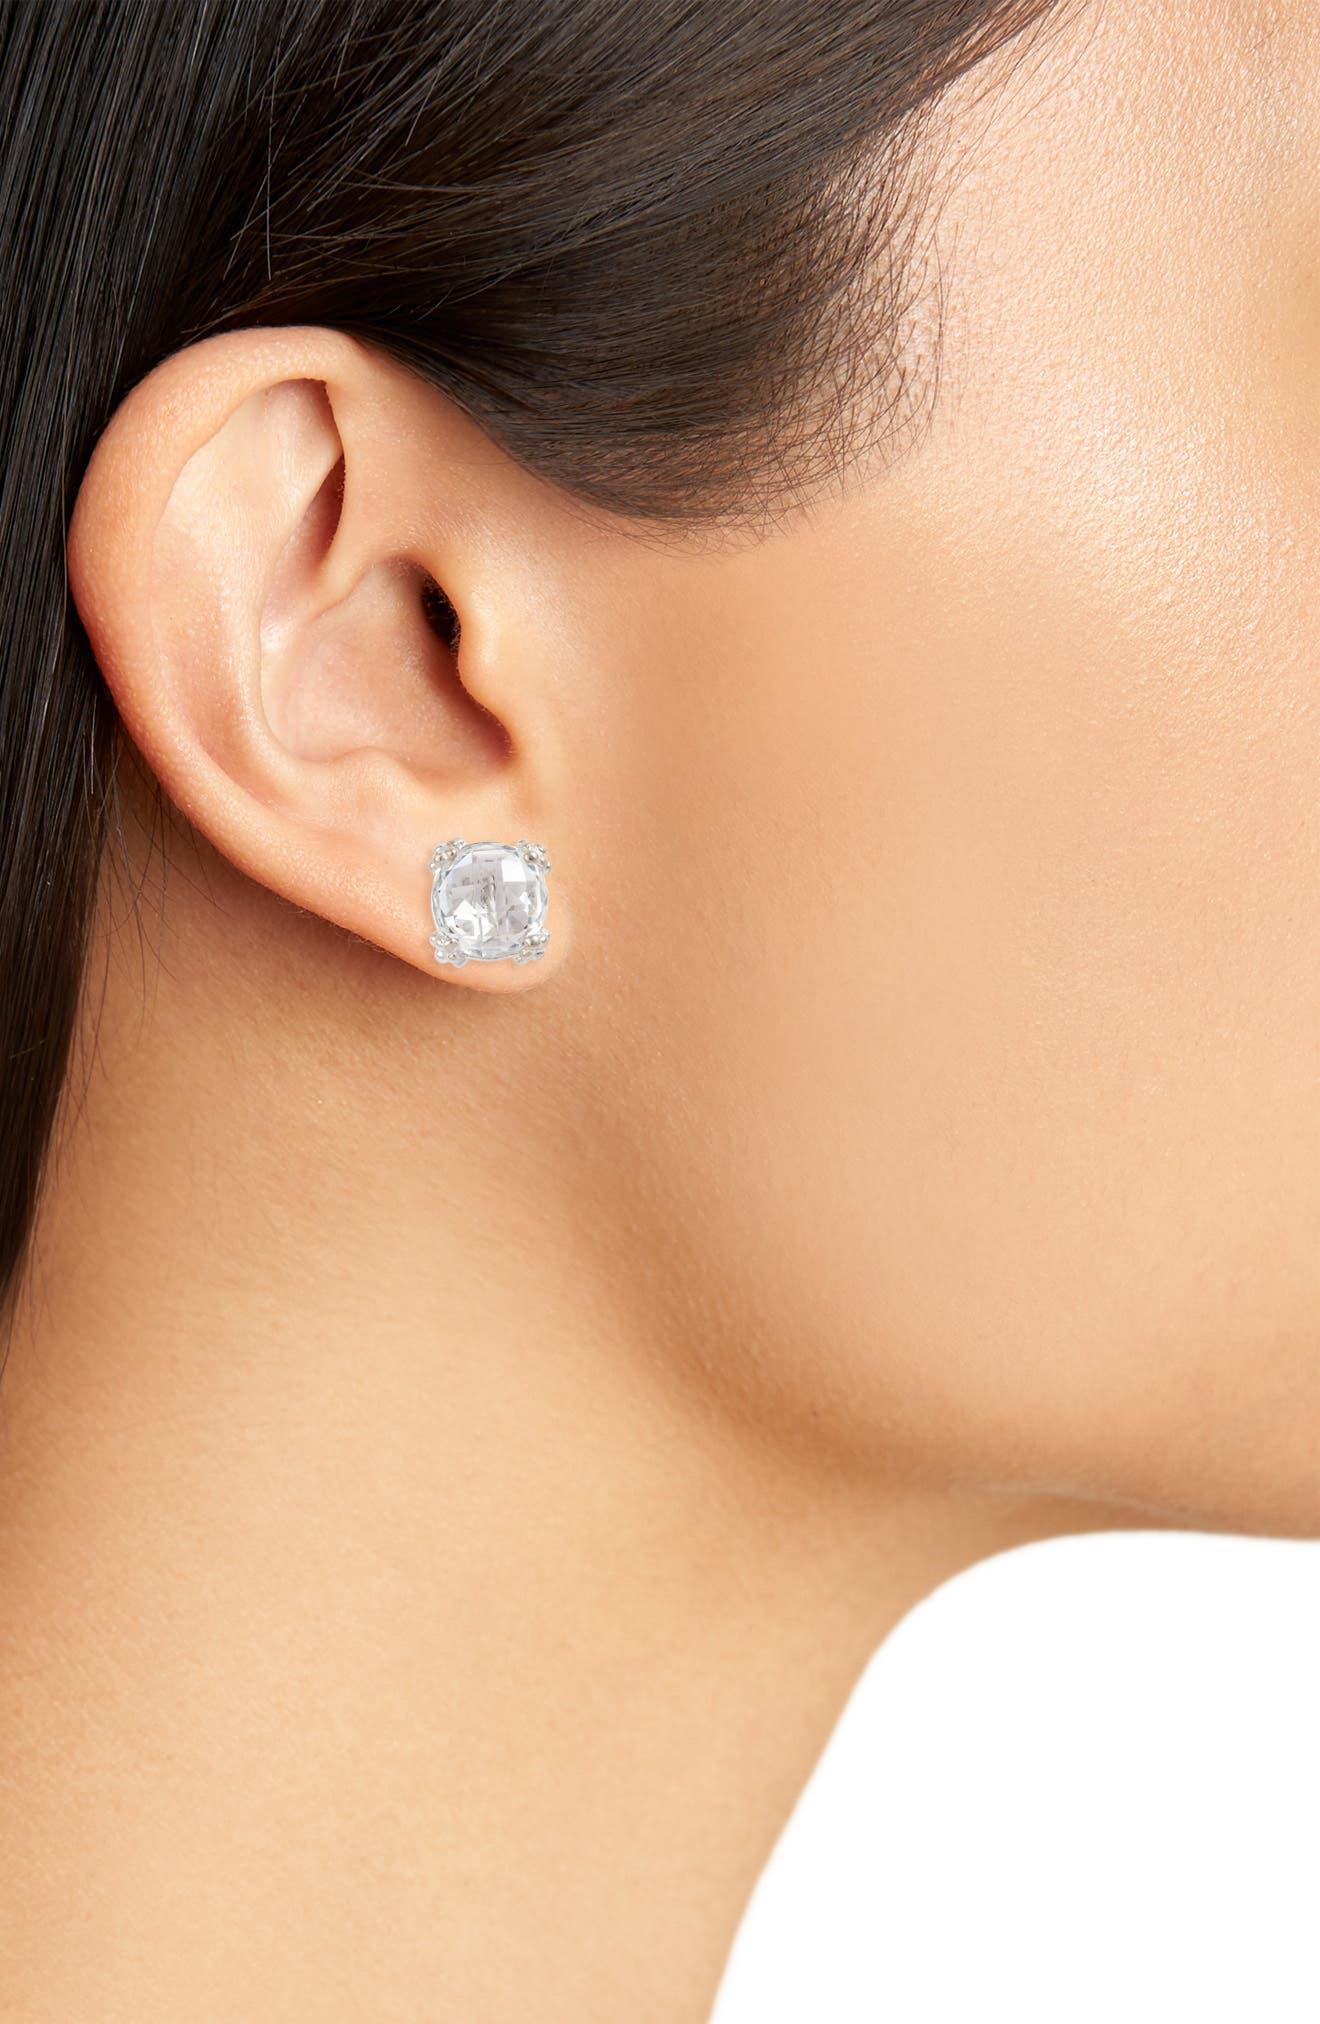 Cluster Topaz Stud Earrings,                             Alternate thumbnail 2, color,                             WHITE TOPAZ